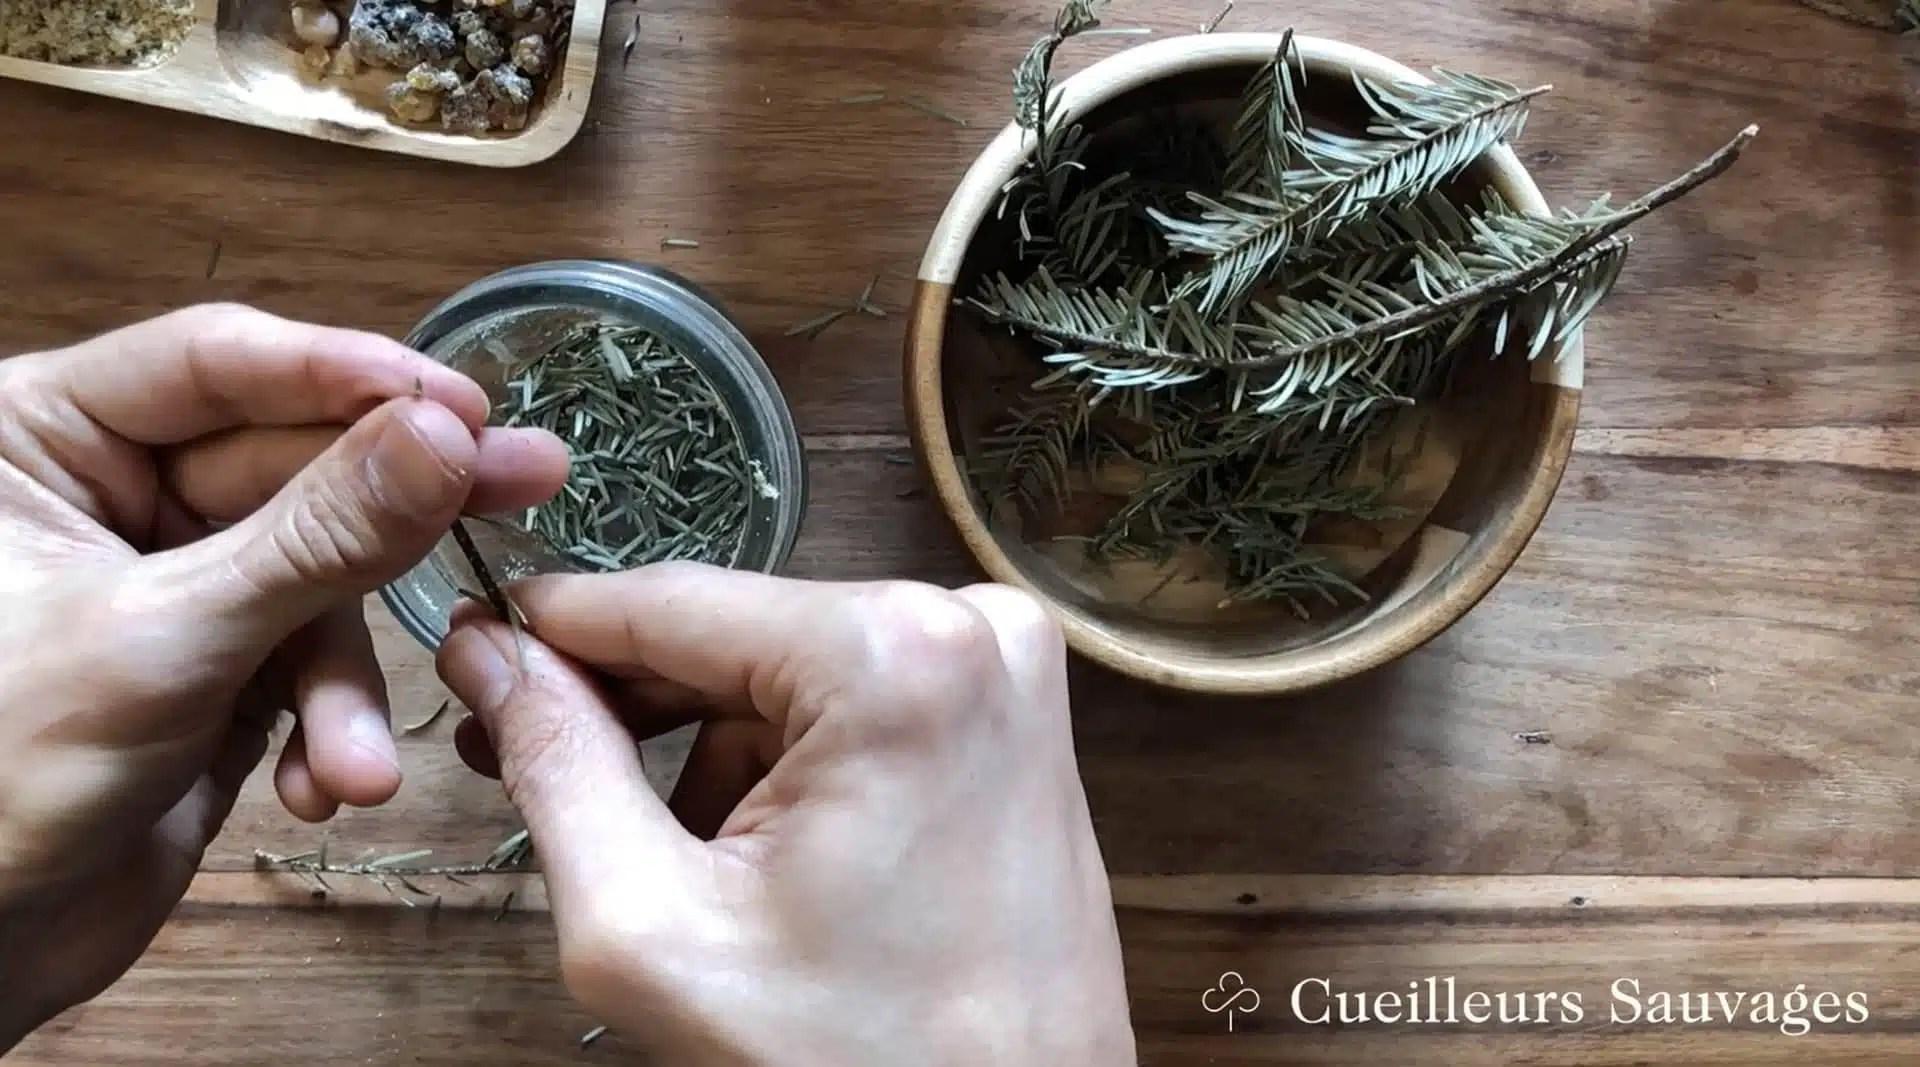 Formation sur la fabrication de l'encens: préparation des bâtons